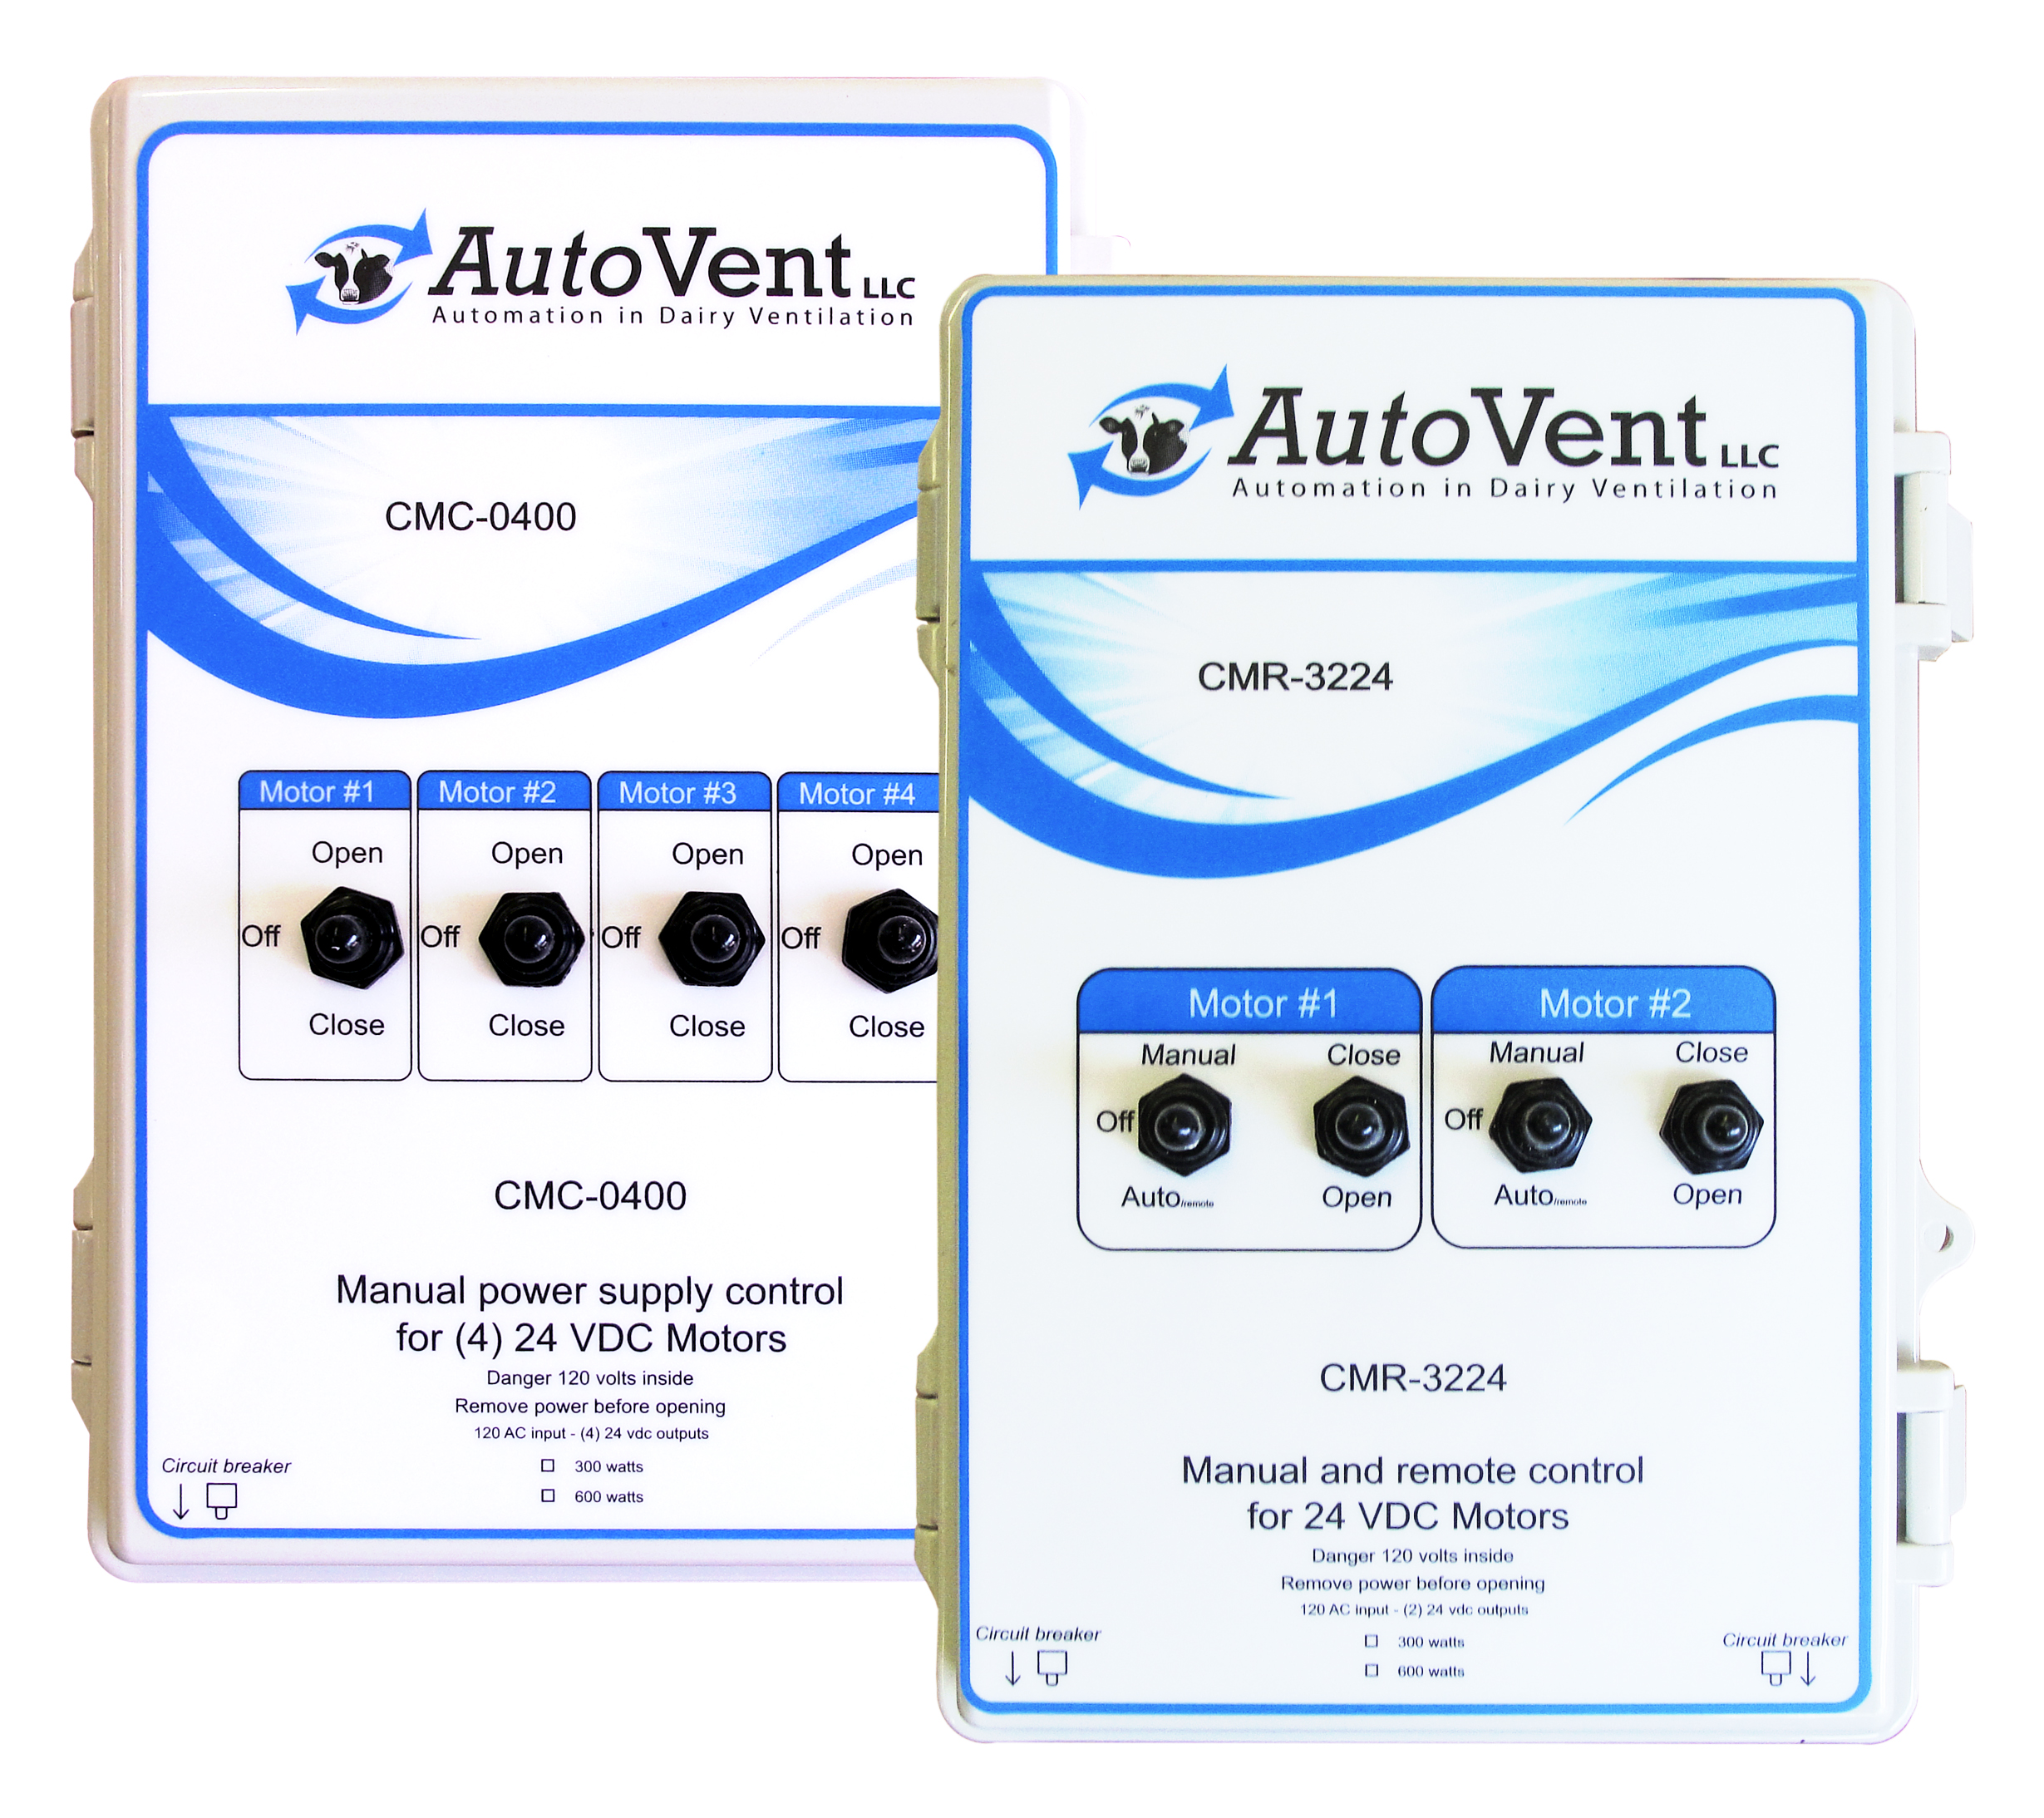 AutoVent manual 24 volt motor controls